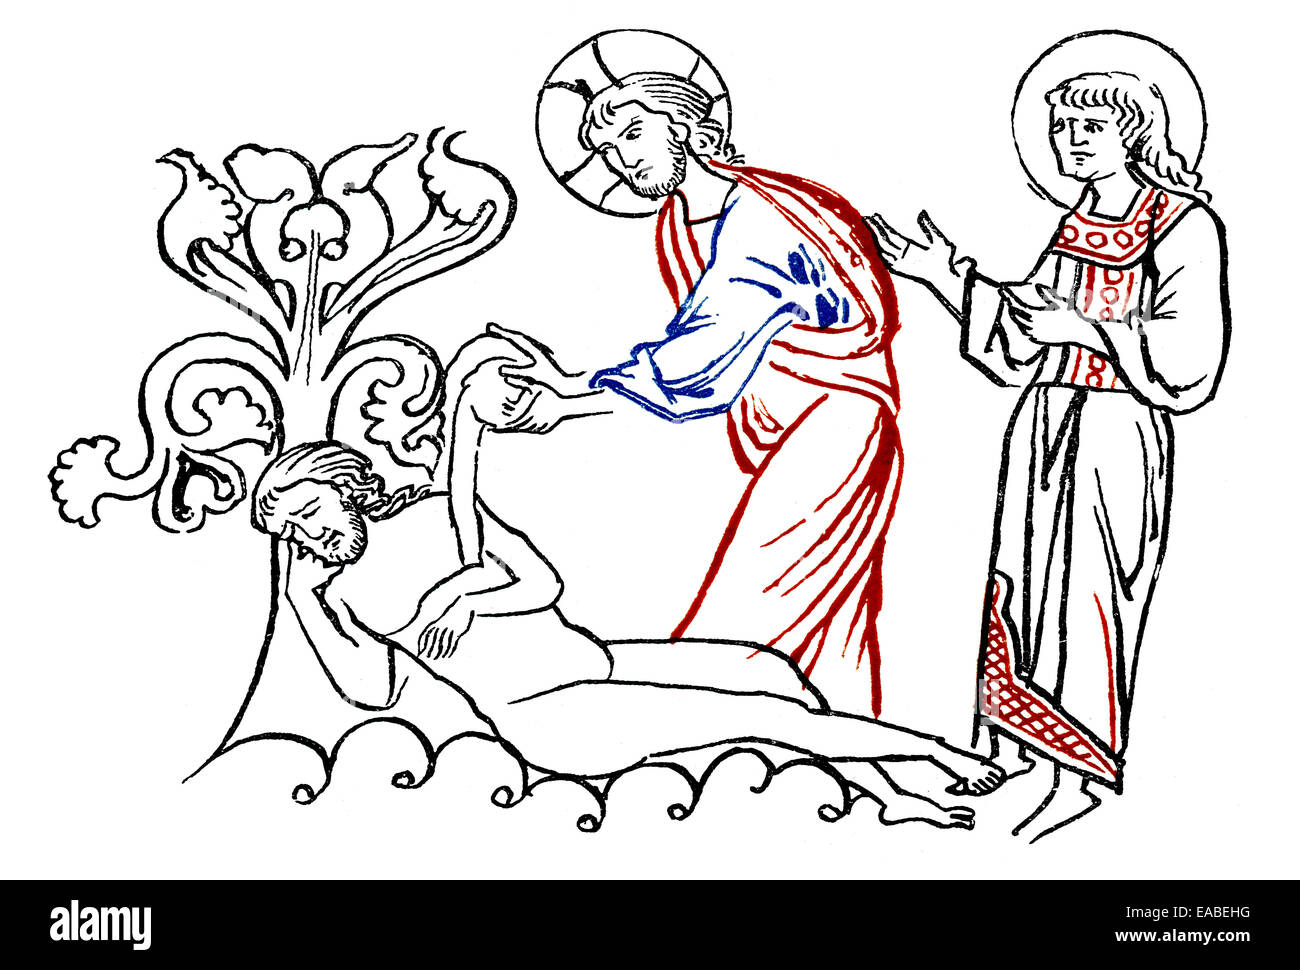 Imprimer historique, la création d'Ève, Millstaett, un manuscrit illustré manuscrit écrit Photo Stock